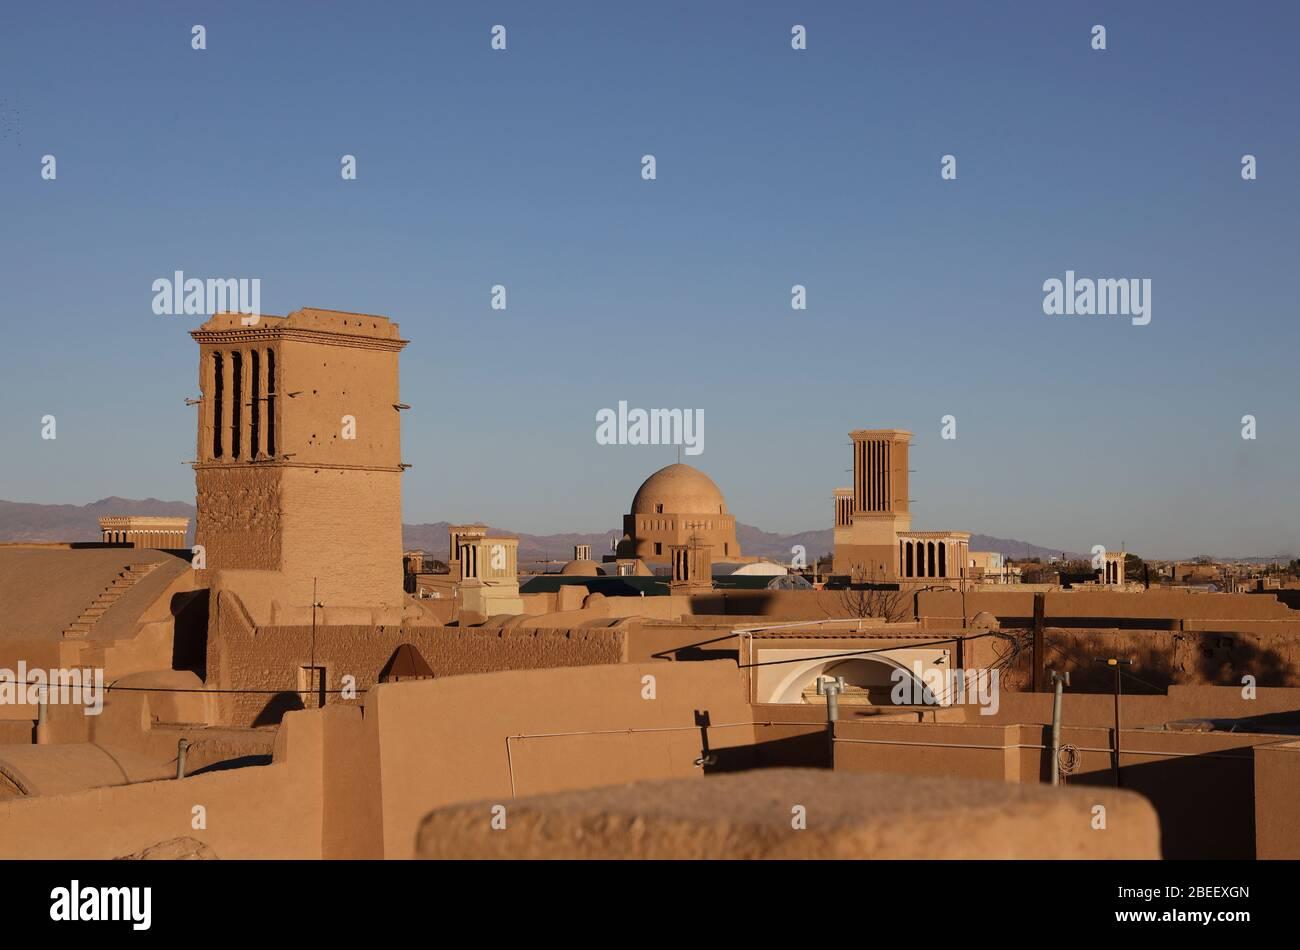 Vista de tejados con cortavientos, torres de viento (badgirs) en Yazd, Provincia de Yazd, Irán, Persia, Oriente Medio Foto de stock